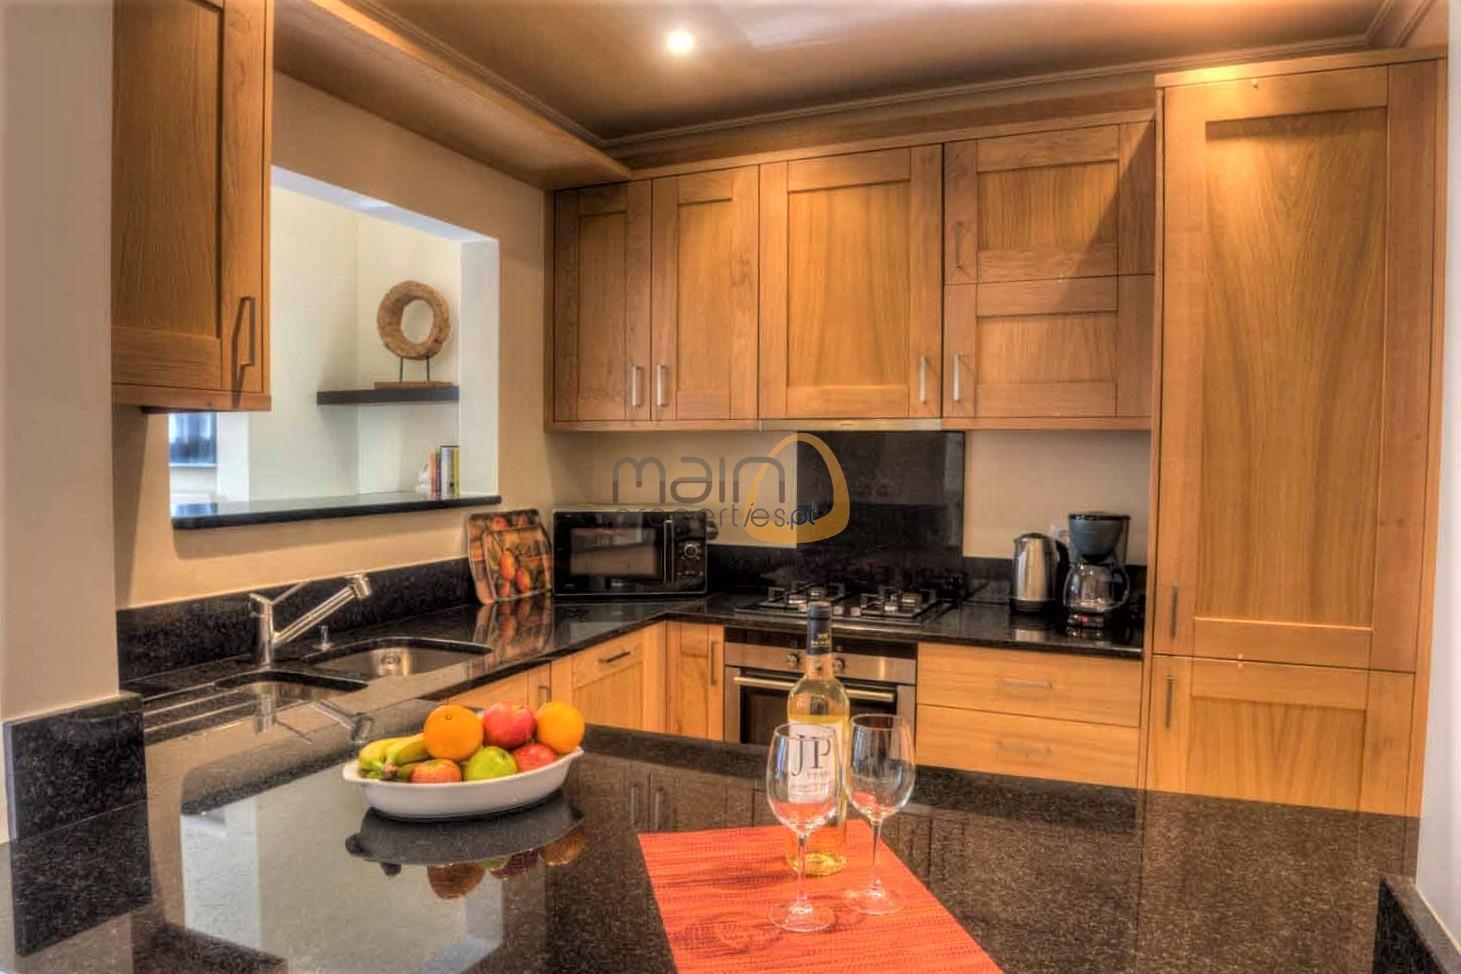 Casa Amelda kitchen